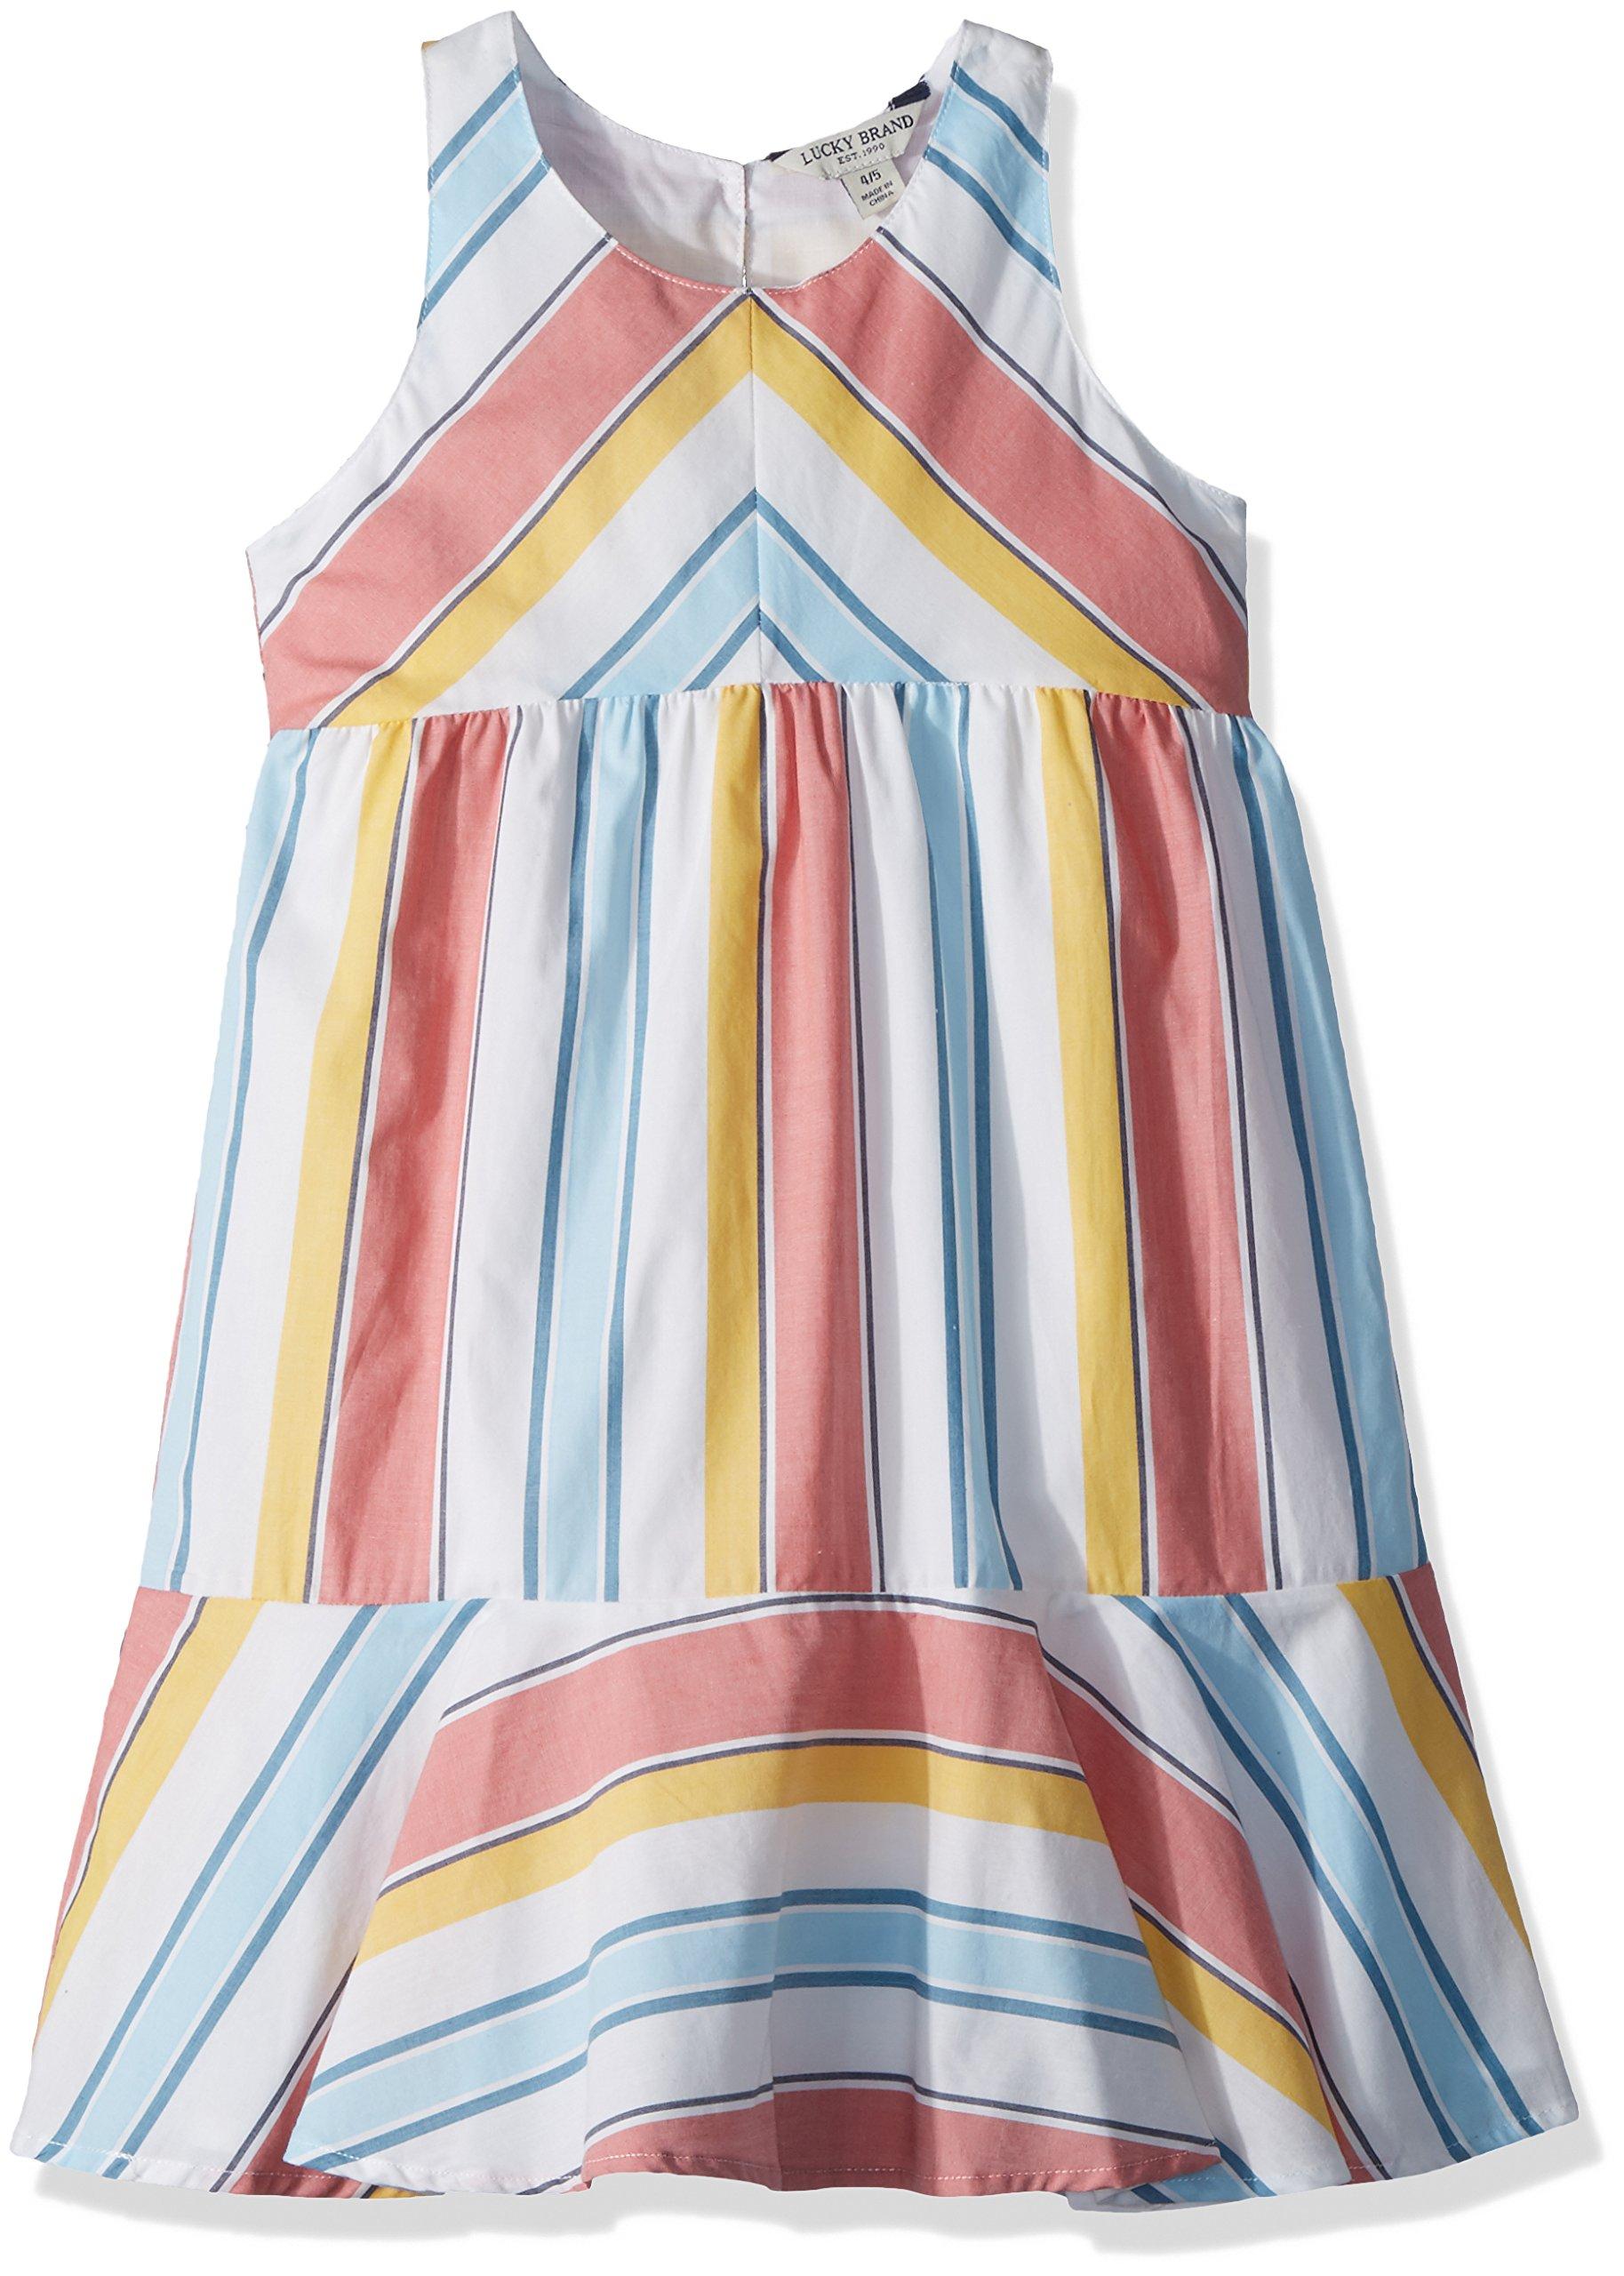 Lucky Brand Little Girls' Sleeveless Fashion Dress, Aleah Marshmallow, 6